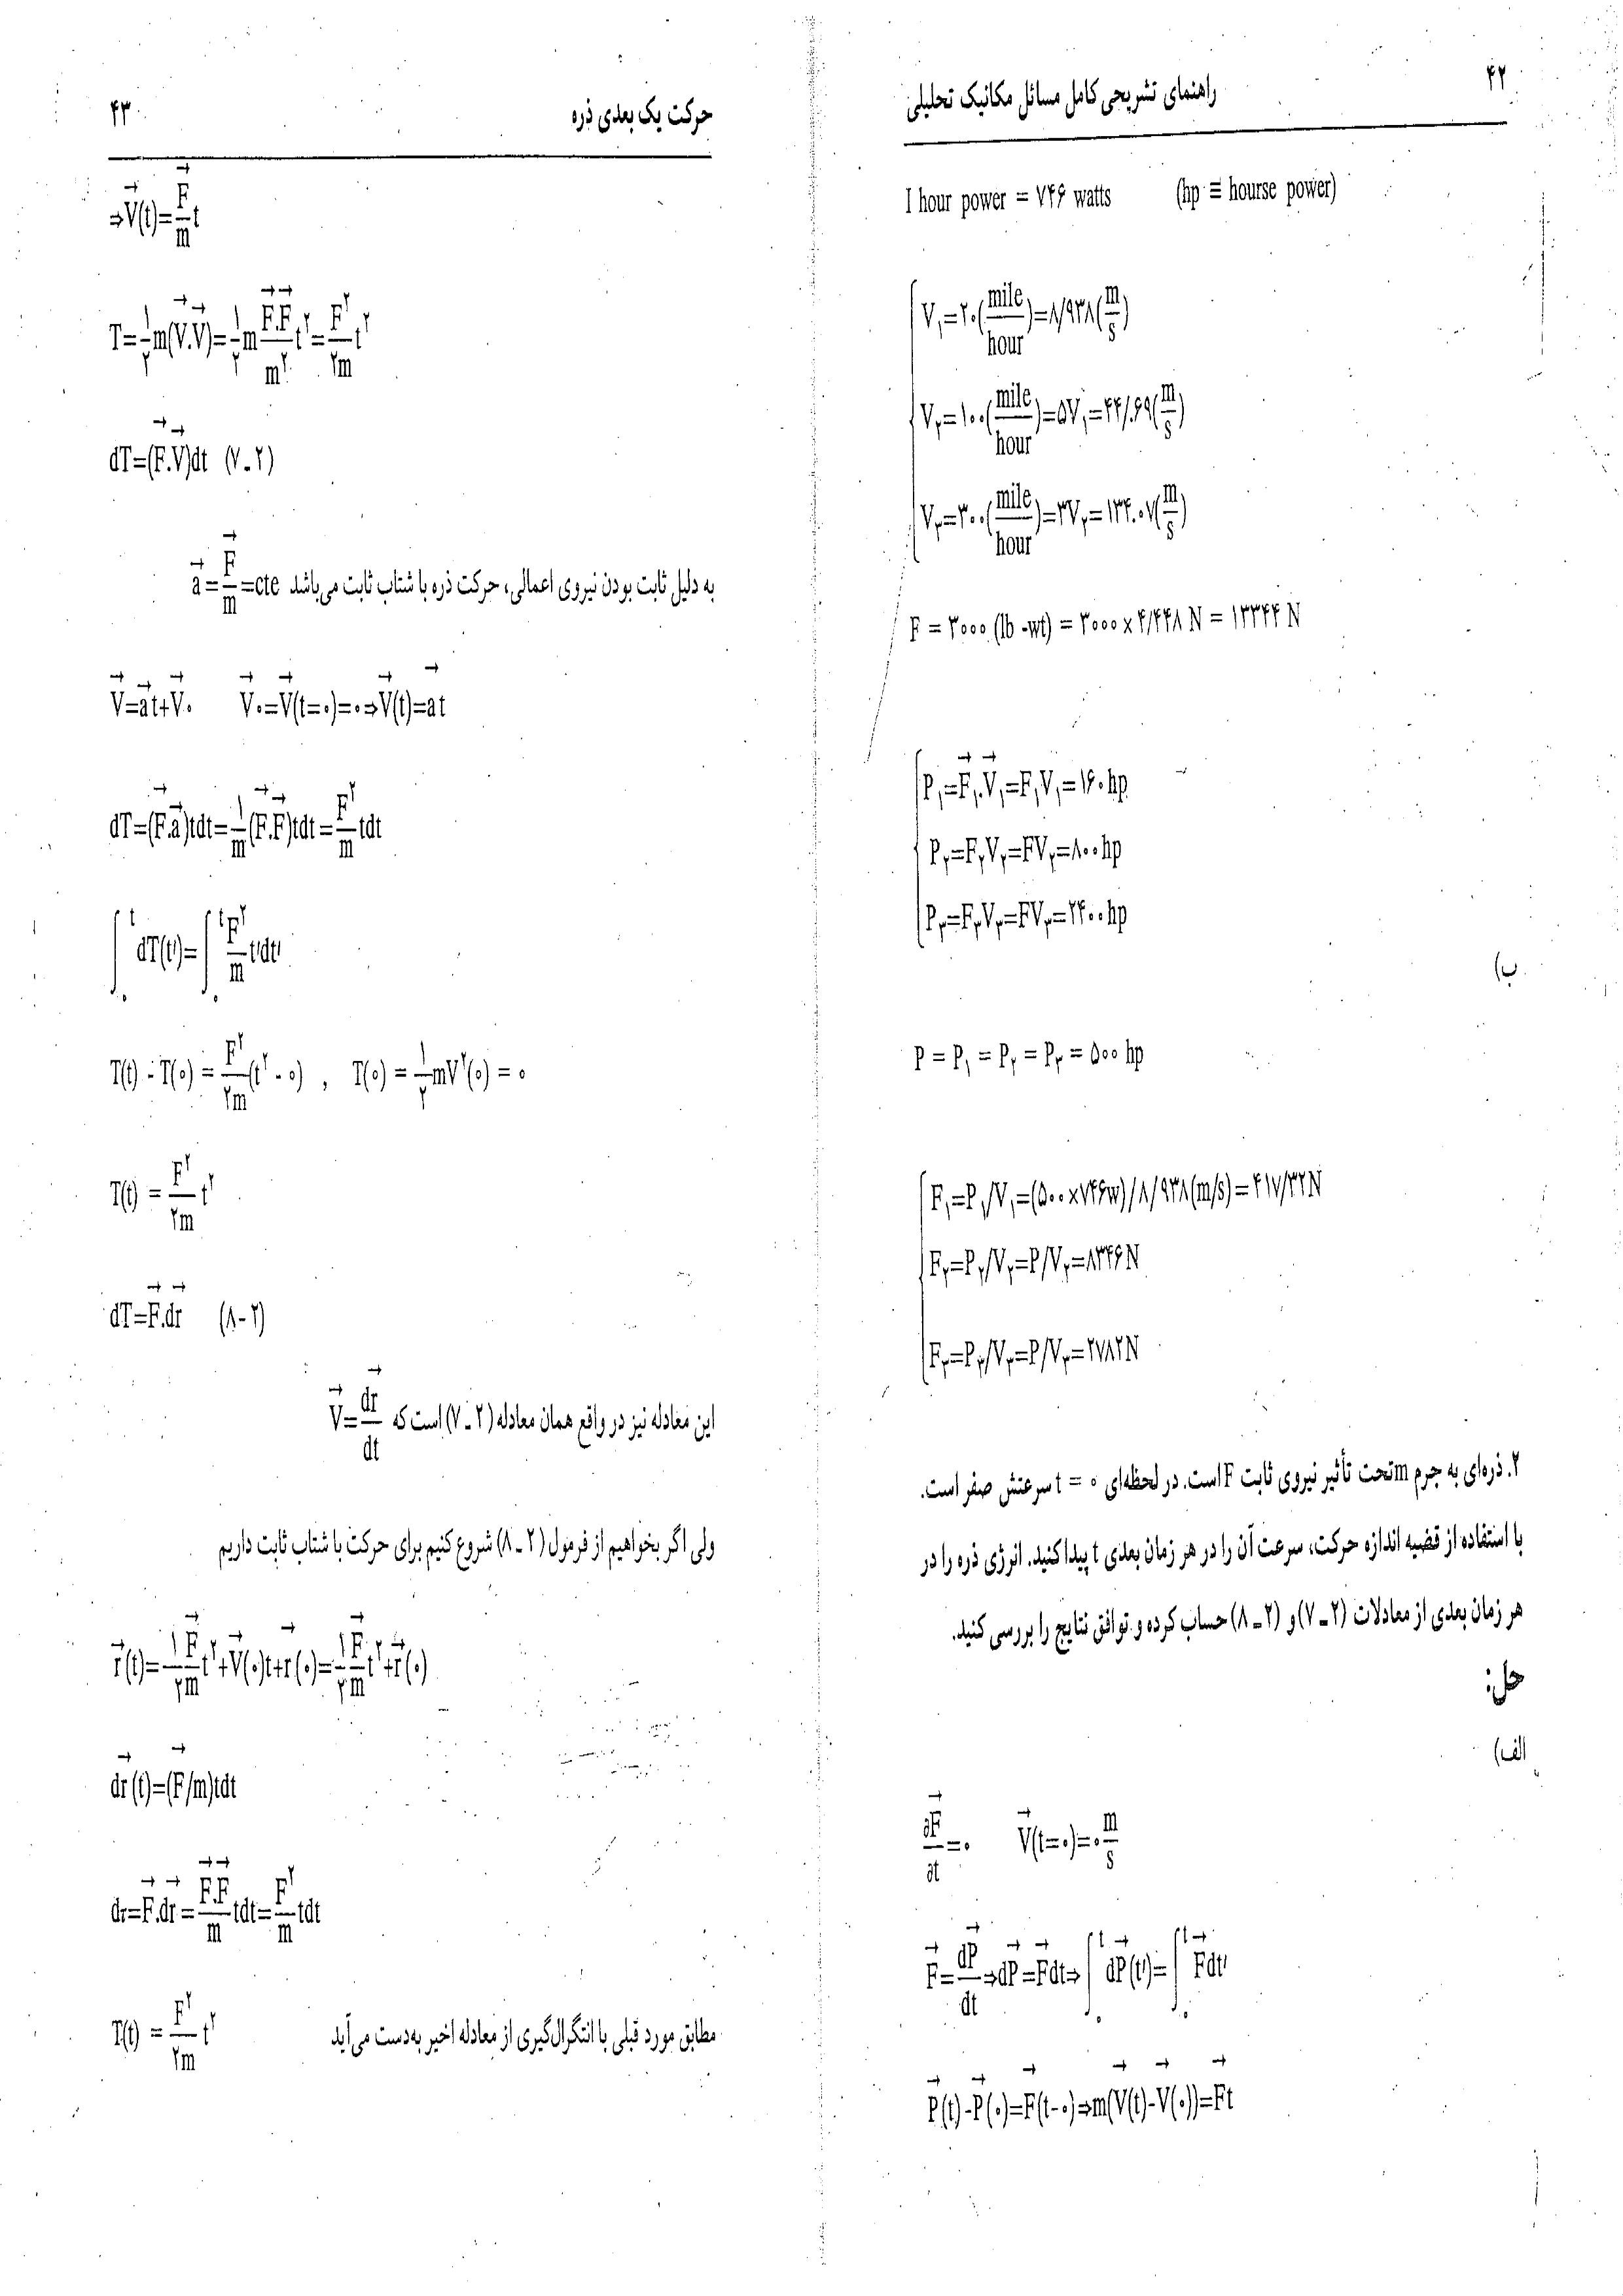 کتاب پاسخنامه مکانیک تحلیلی سایمون